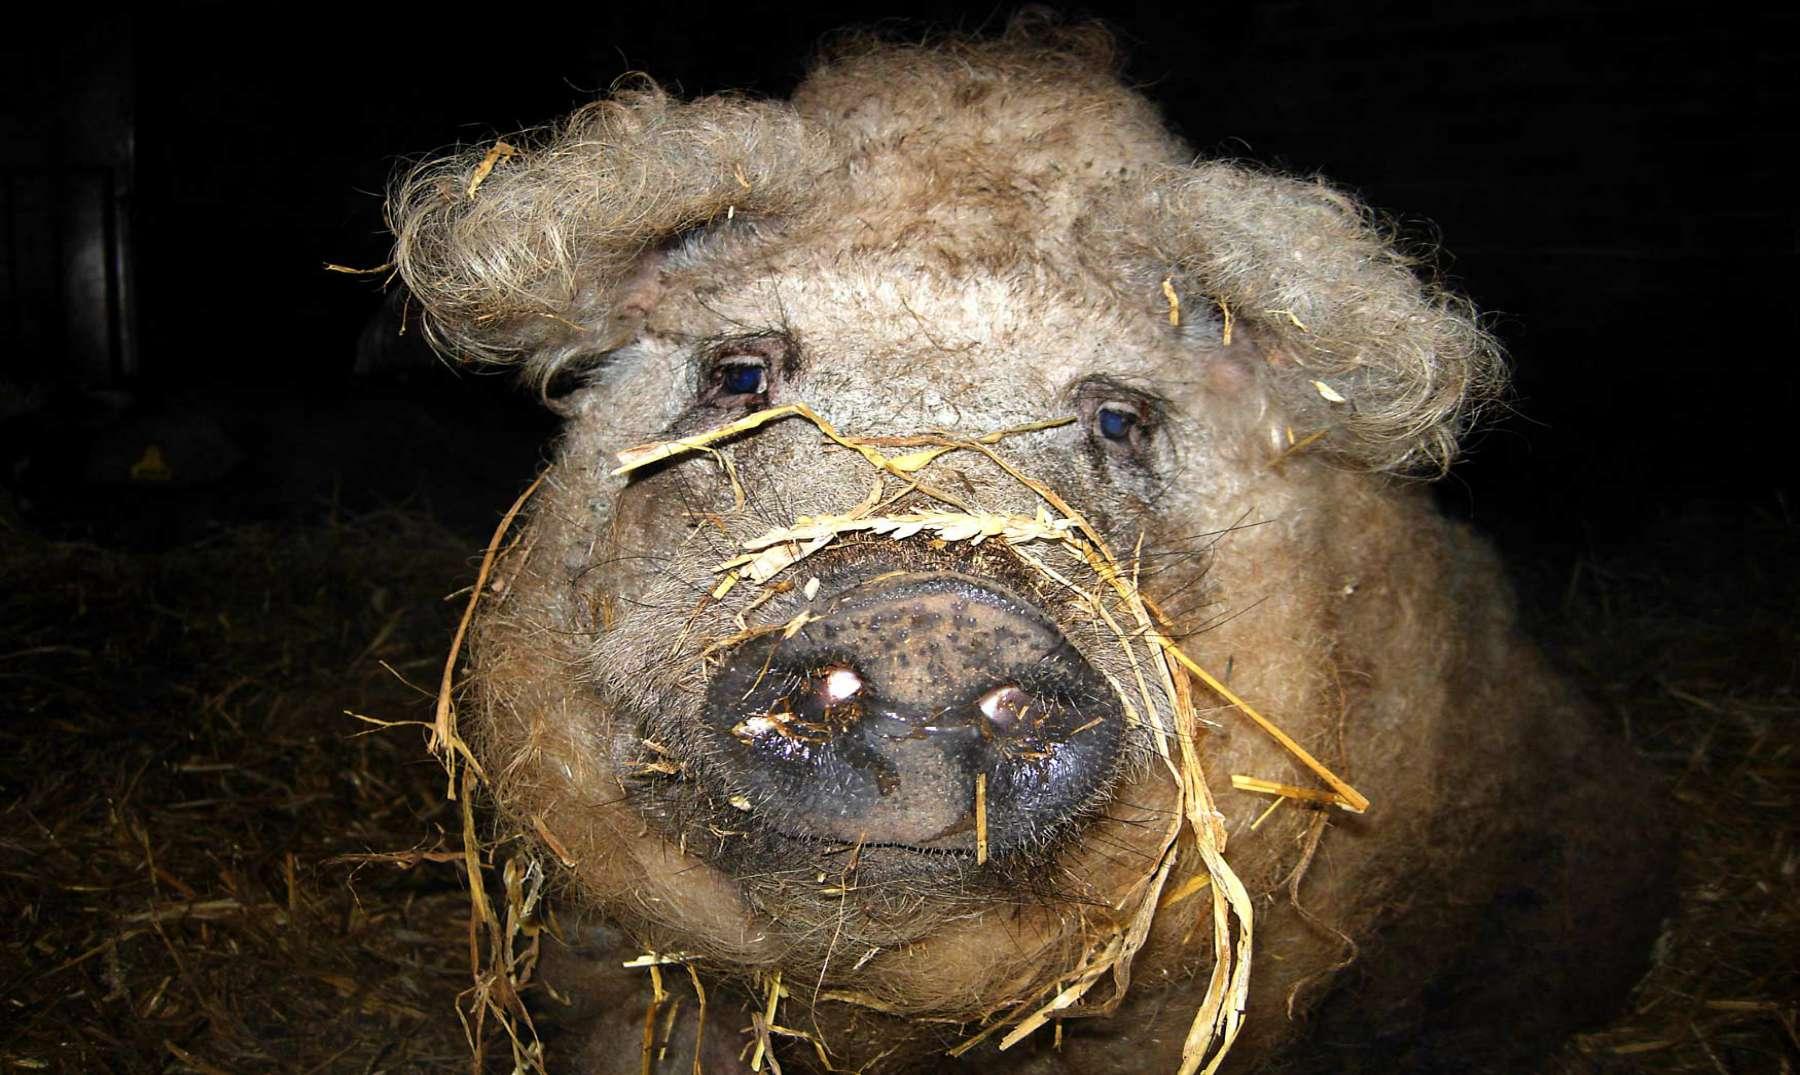 ¡Este cerdo parece una oveja! c1c45277cd1b